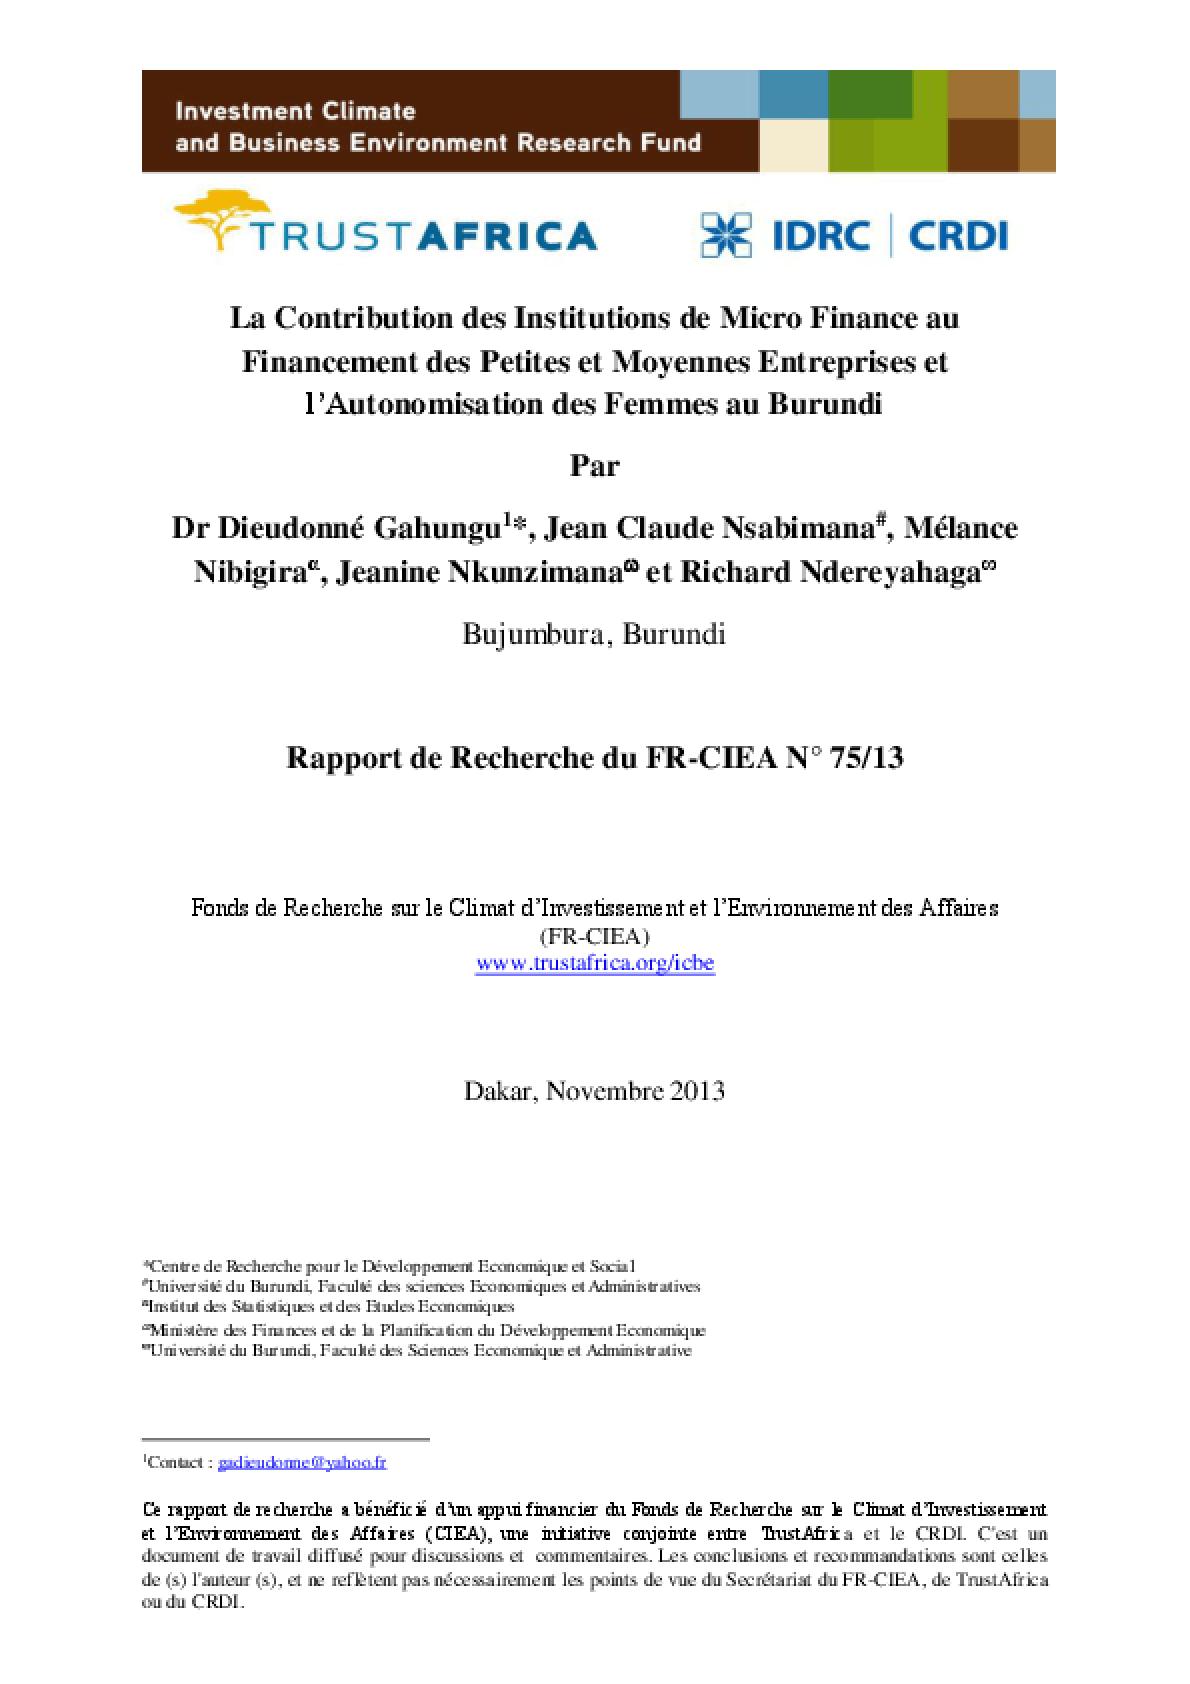 La Contribution des Institutions de Micro Finance au Financement des Petites et Moyennes Entreprises et l'Autonomisation des Femmes au Burundi